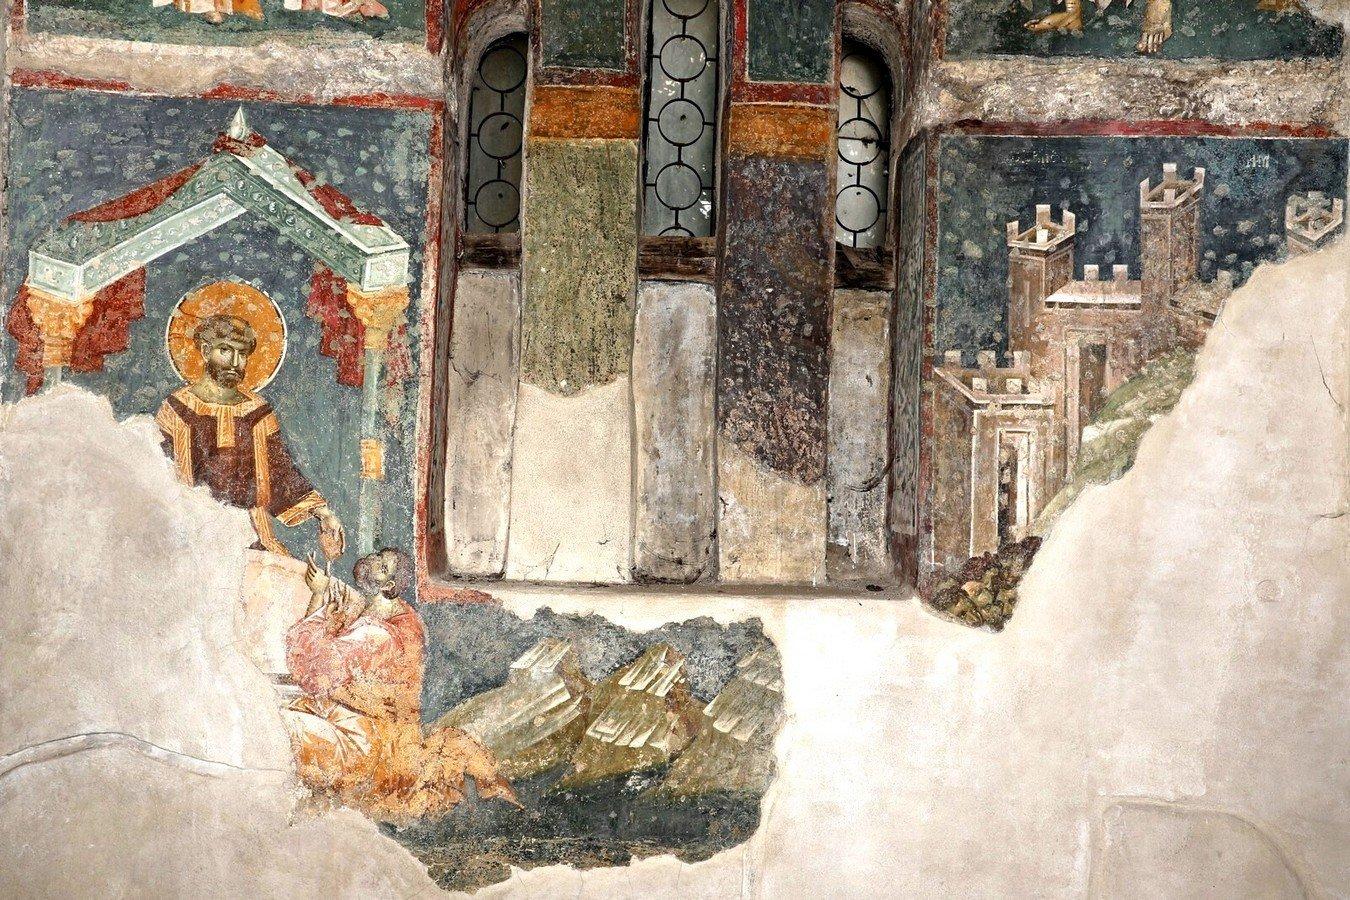 Воскресший Христос преломляет хлеб в Эммаусе. Фреска церкви Богородицы Левишки в Призрене, Косово и Метохия, Сербия. Около 1310 - 1313 годов. Иконописцы Михаил Астрапа и Евтихий.